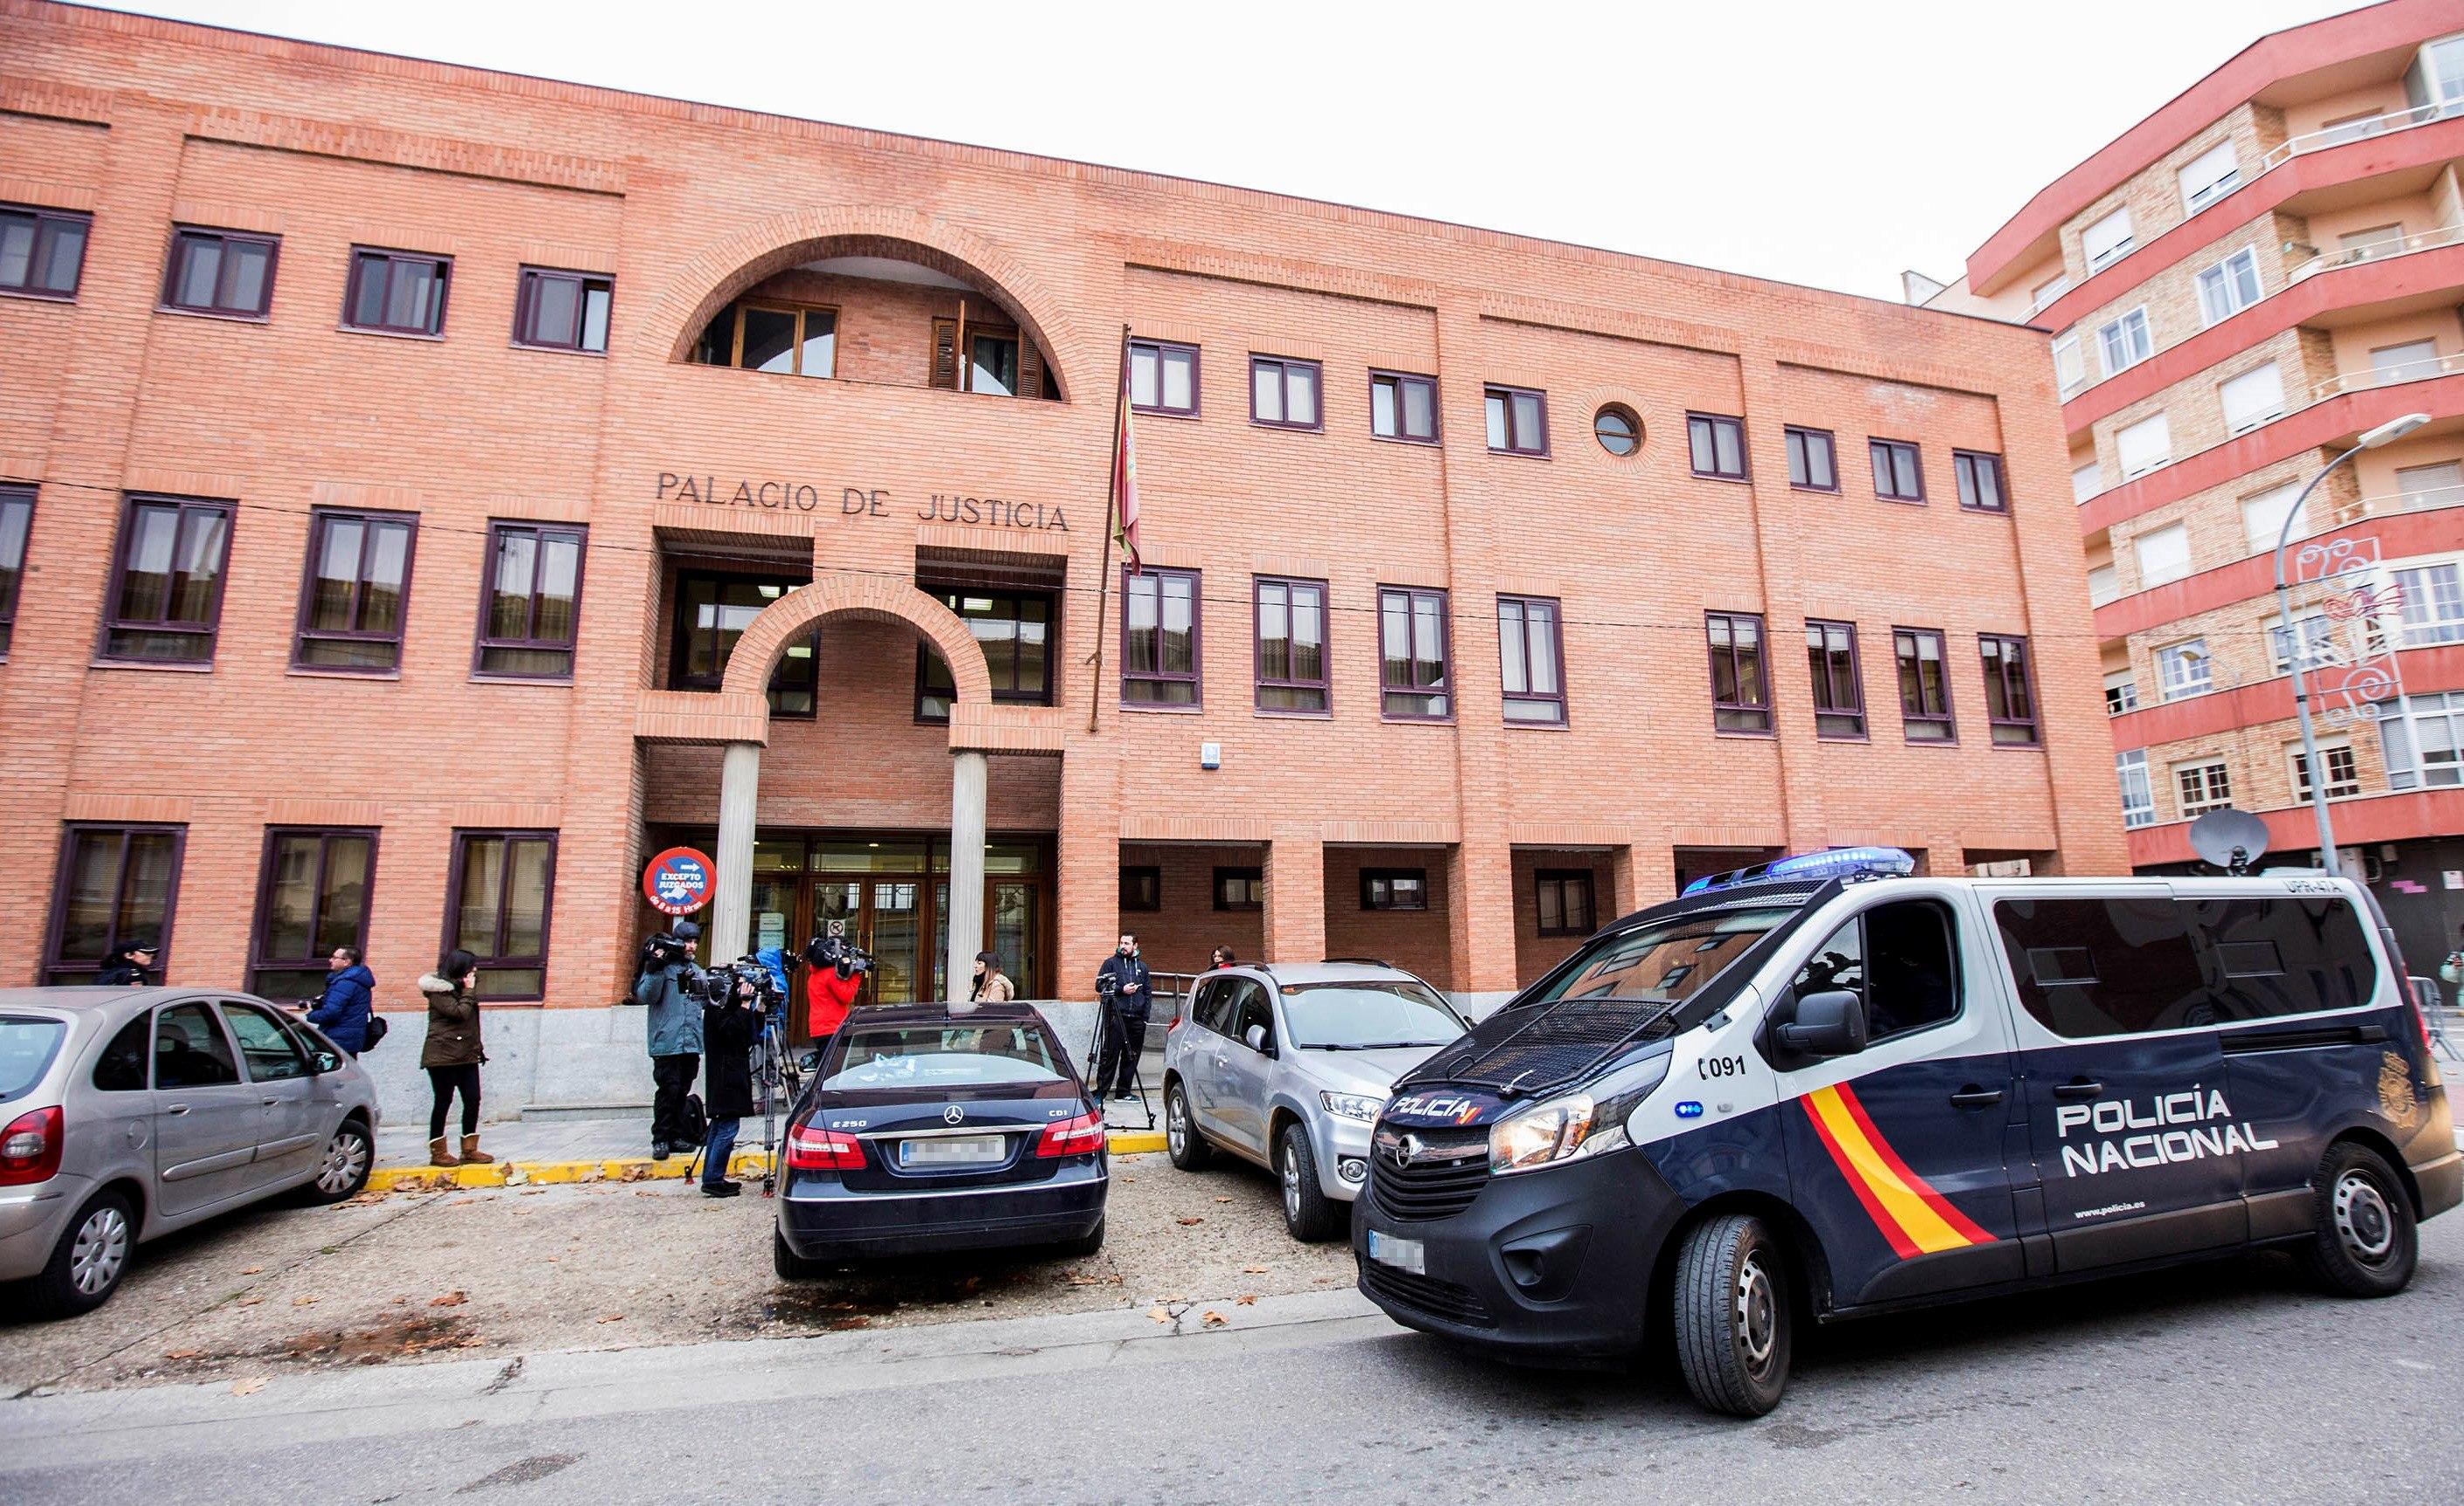 Los tres acusados de agresión sexual a una chica de 15 años declaran que fueron relaciones consentidas